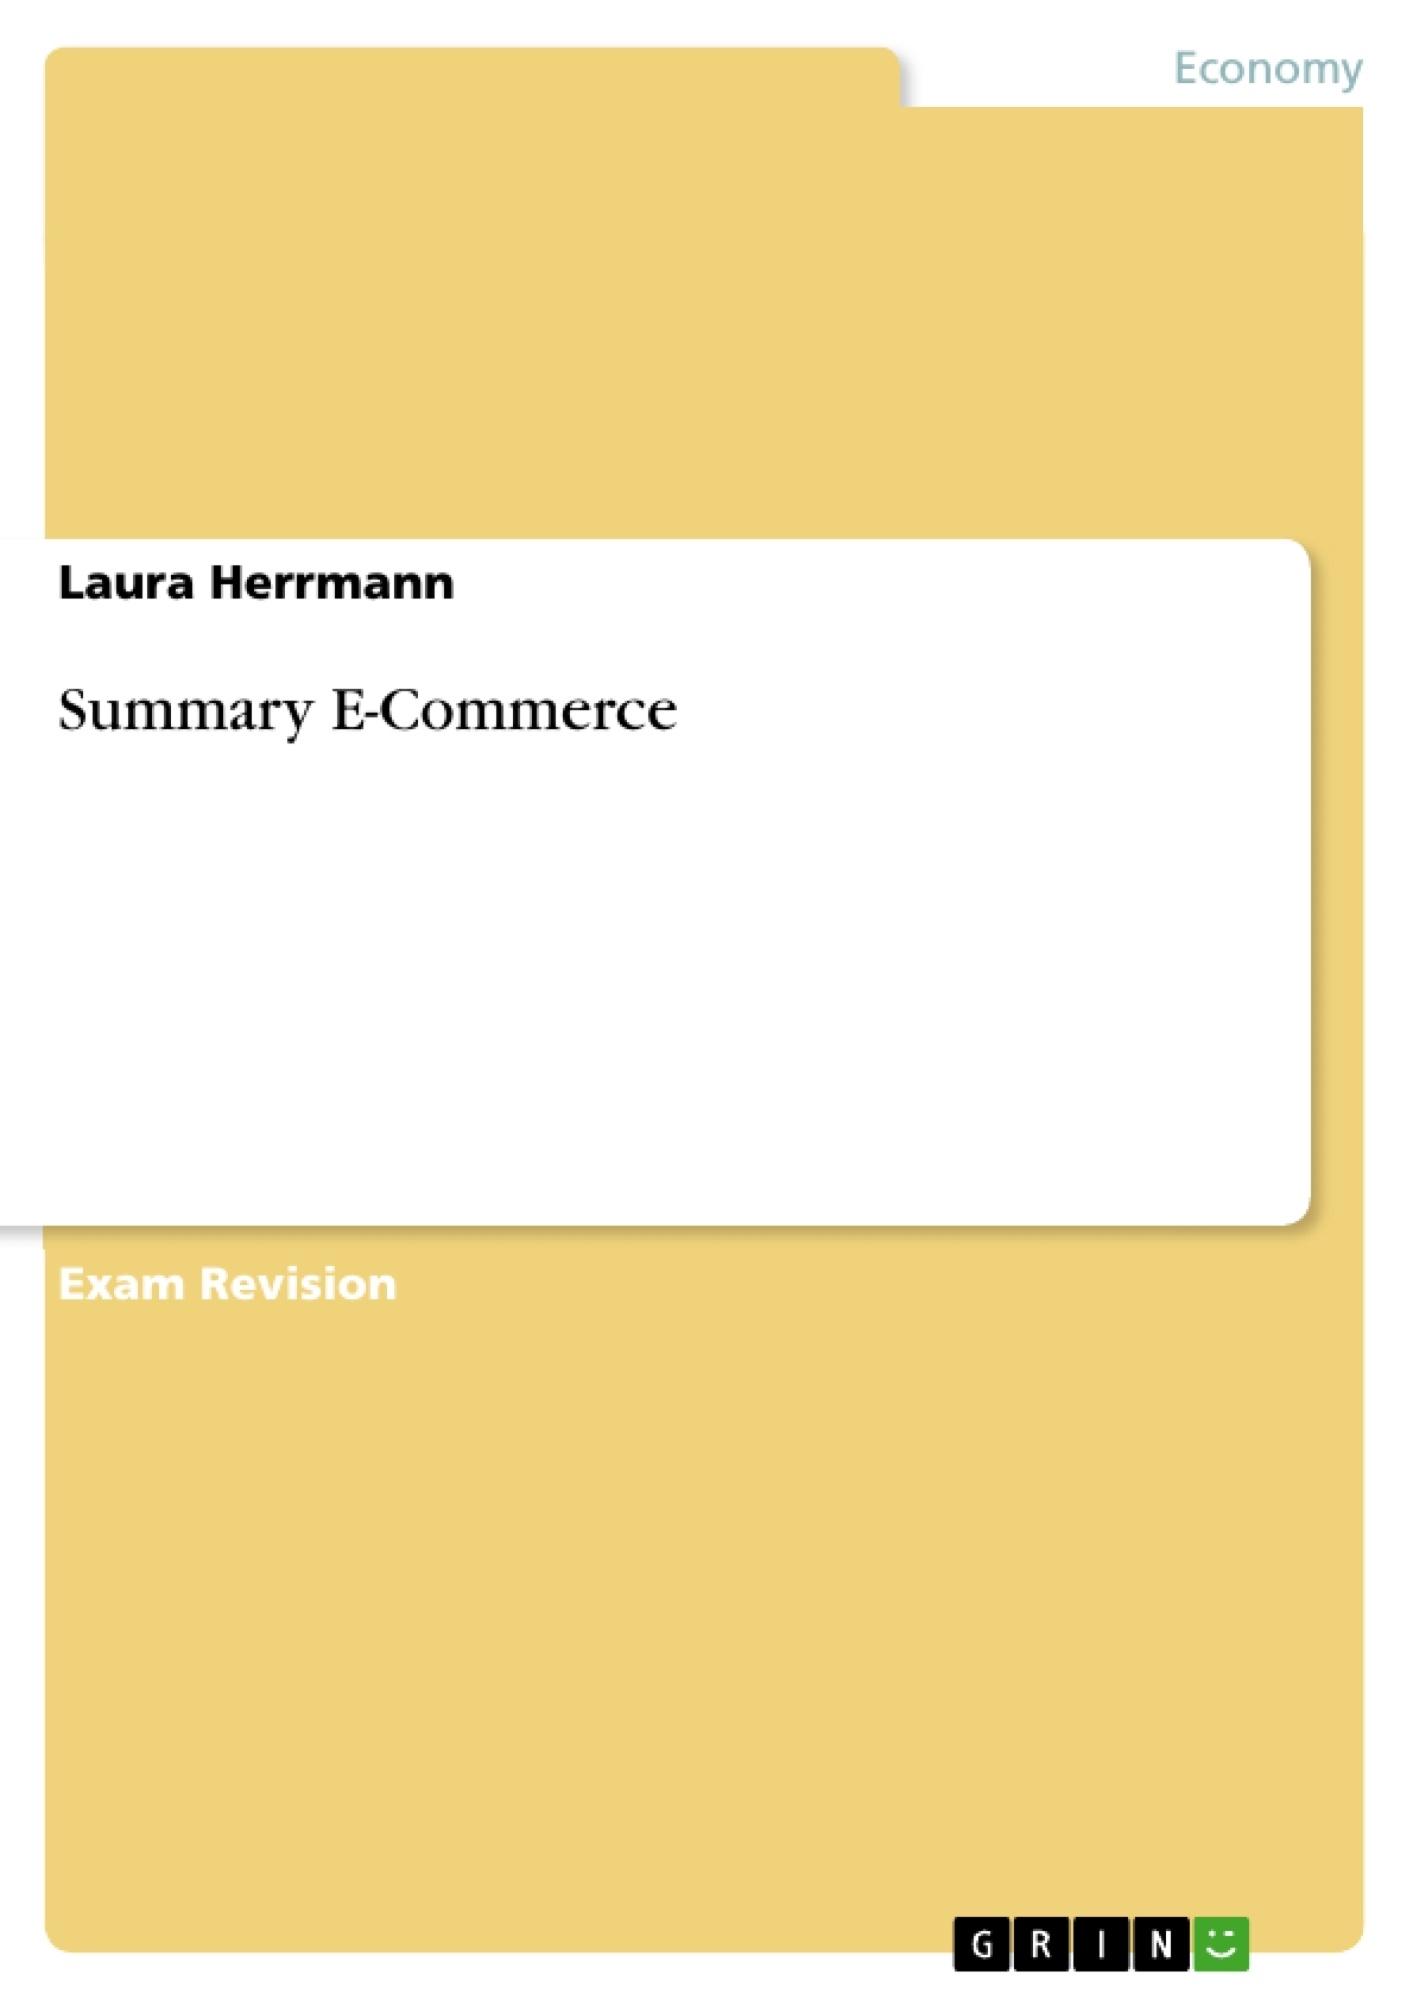 Title: Summary E-Commerce